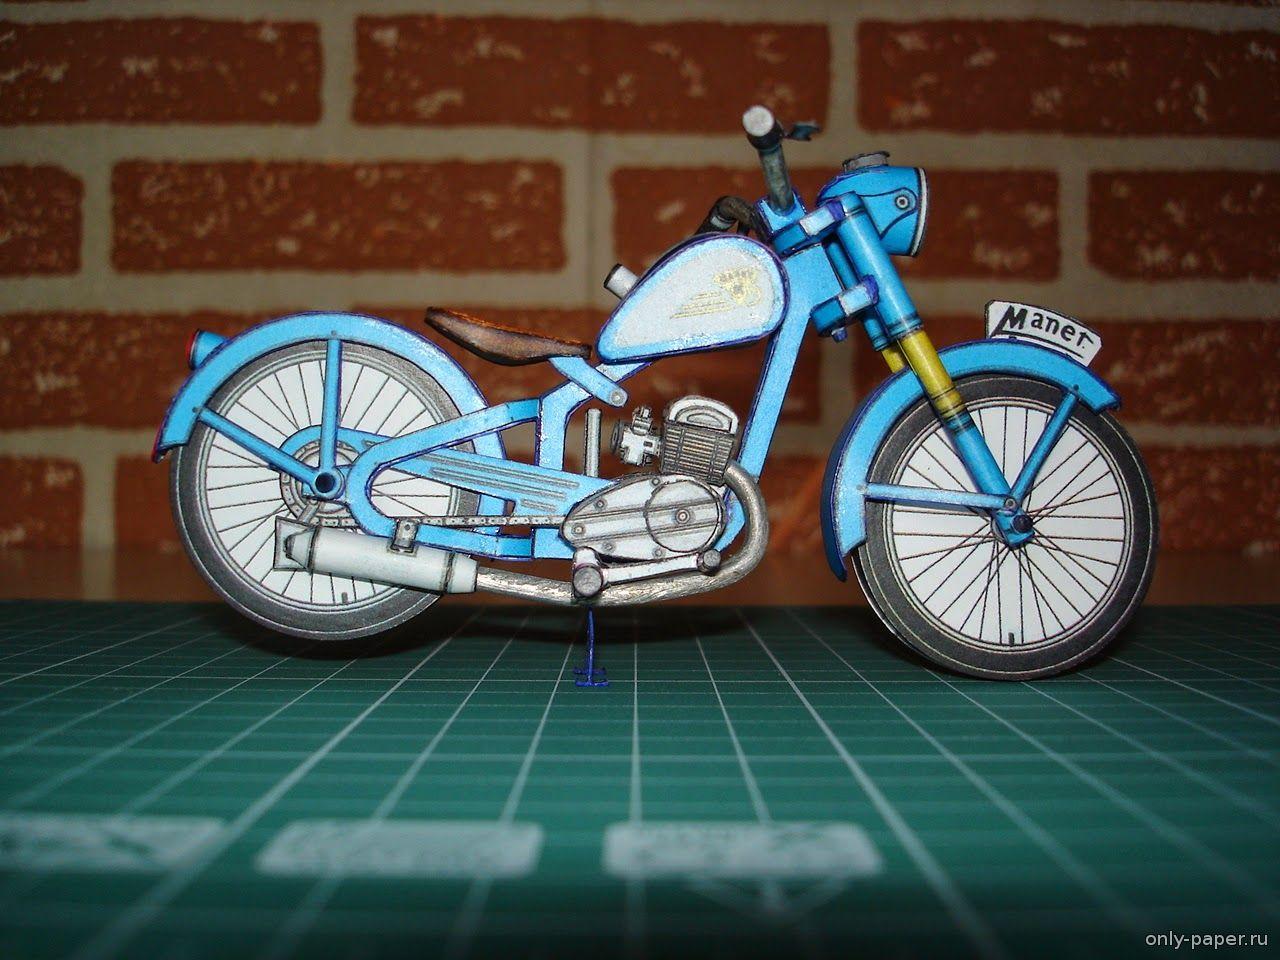 Как своим руками сделать мотоцикл 627